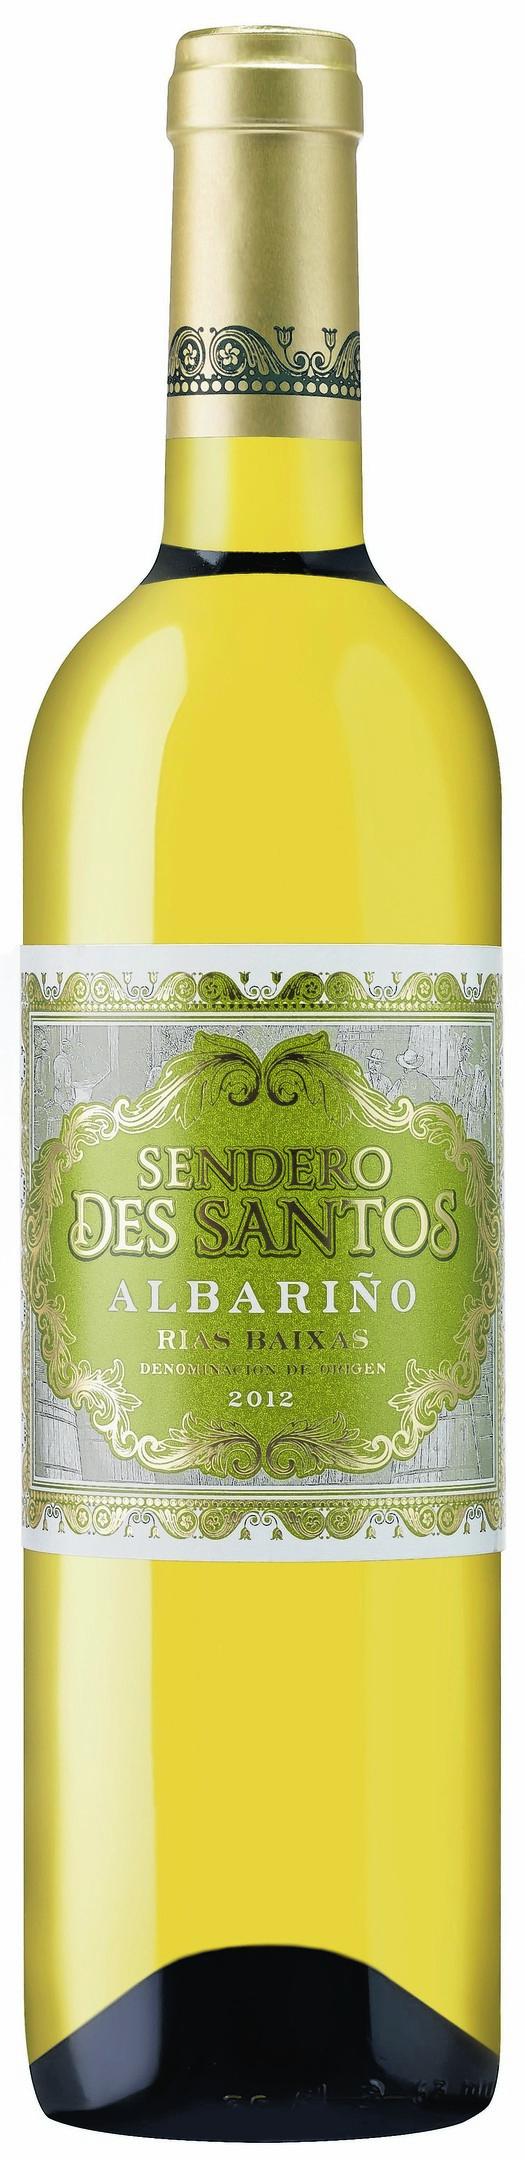 Sendero des Santos Albarino 2012, Rias Baixas DO, Spain, Laithwaites.co.uk